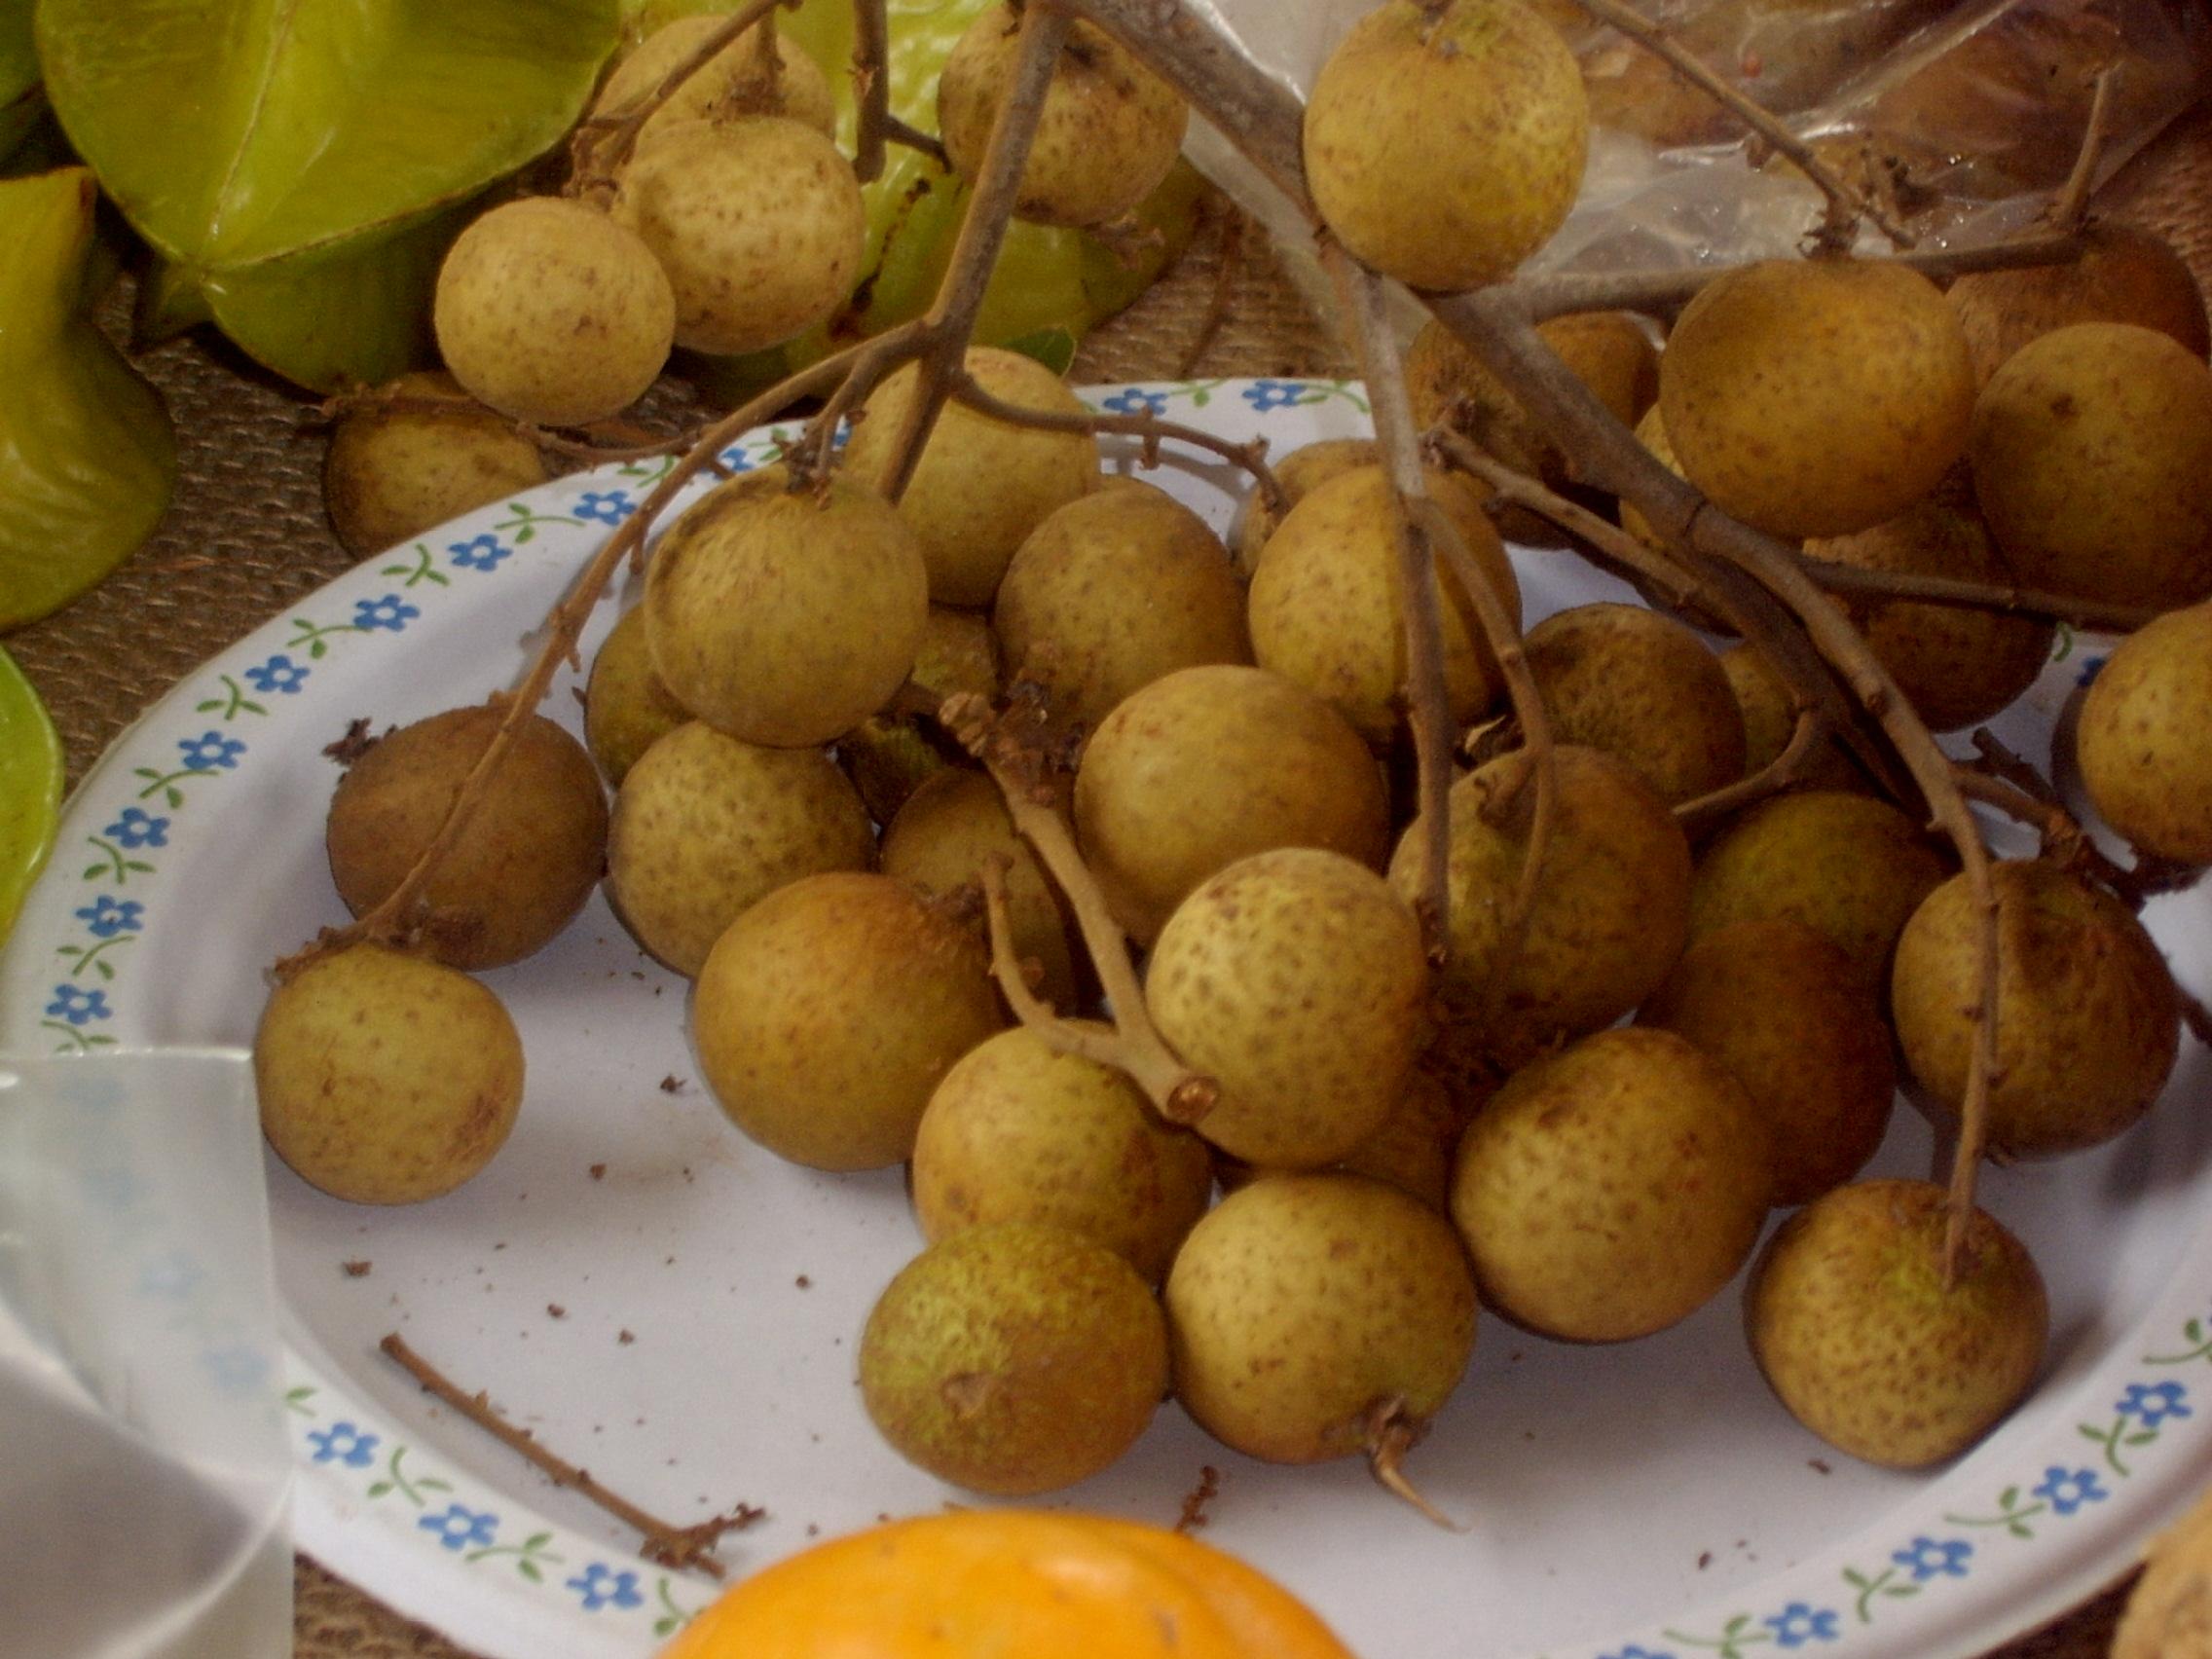 Fruitstands in Kauai